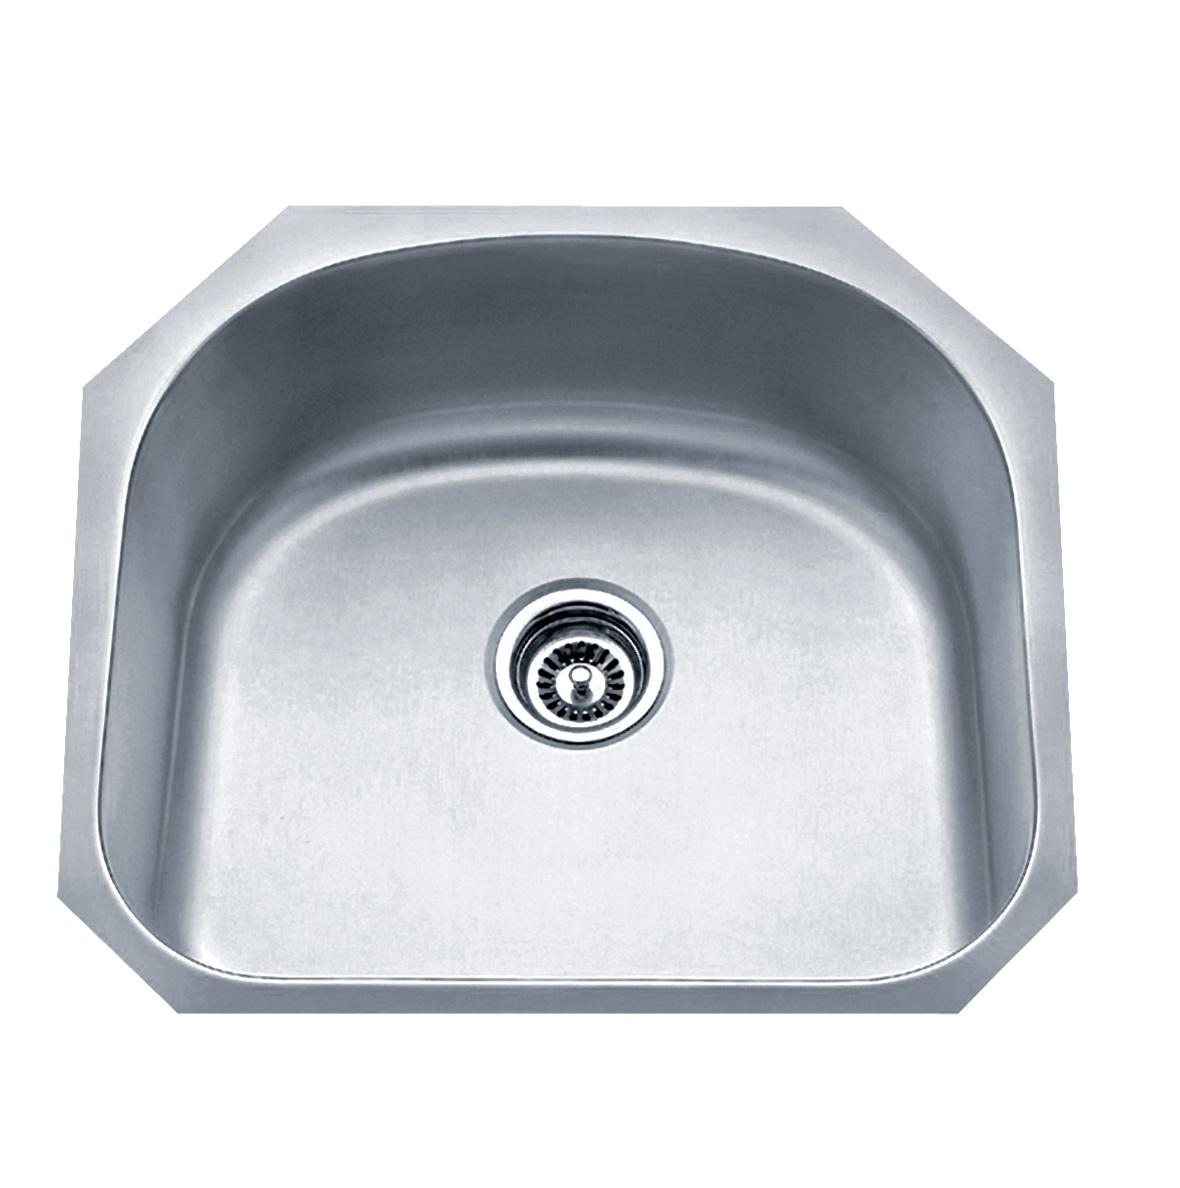 Blue Ocean 23 1 4 Kss861 16 Gauge Stainless Steel Undermount Kitchen Sink With Free Strainer